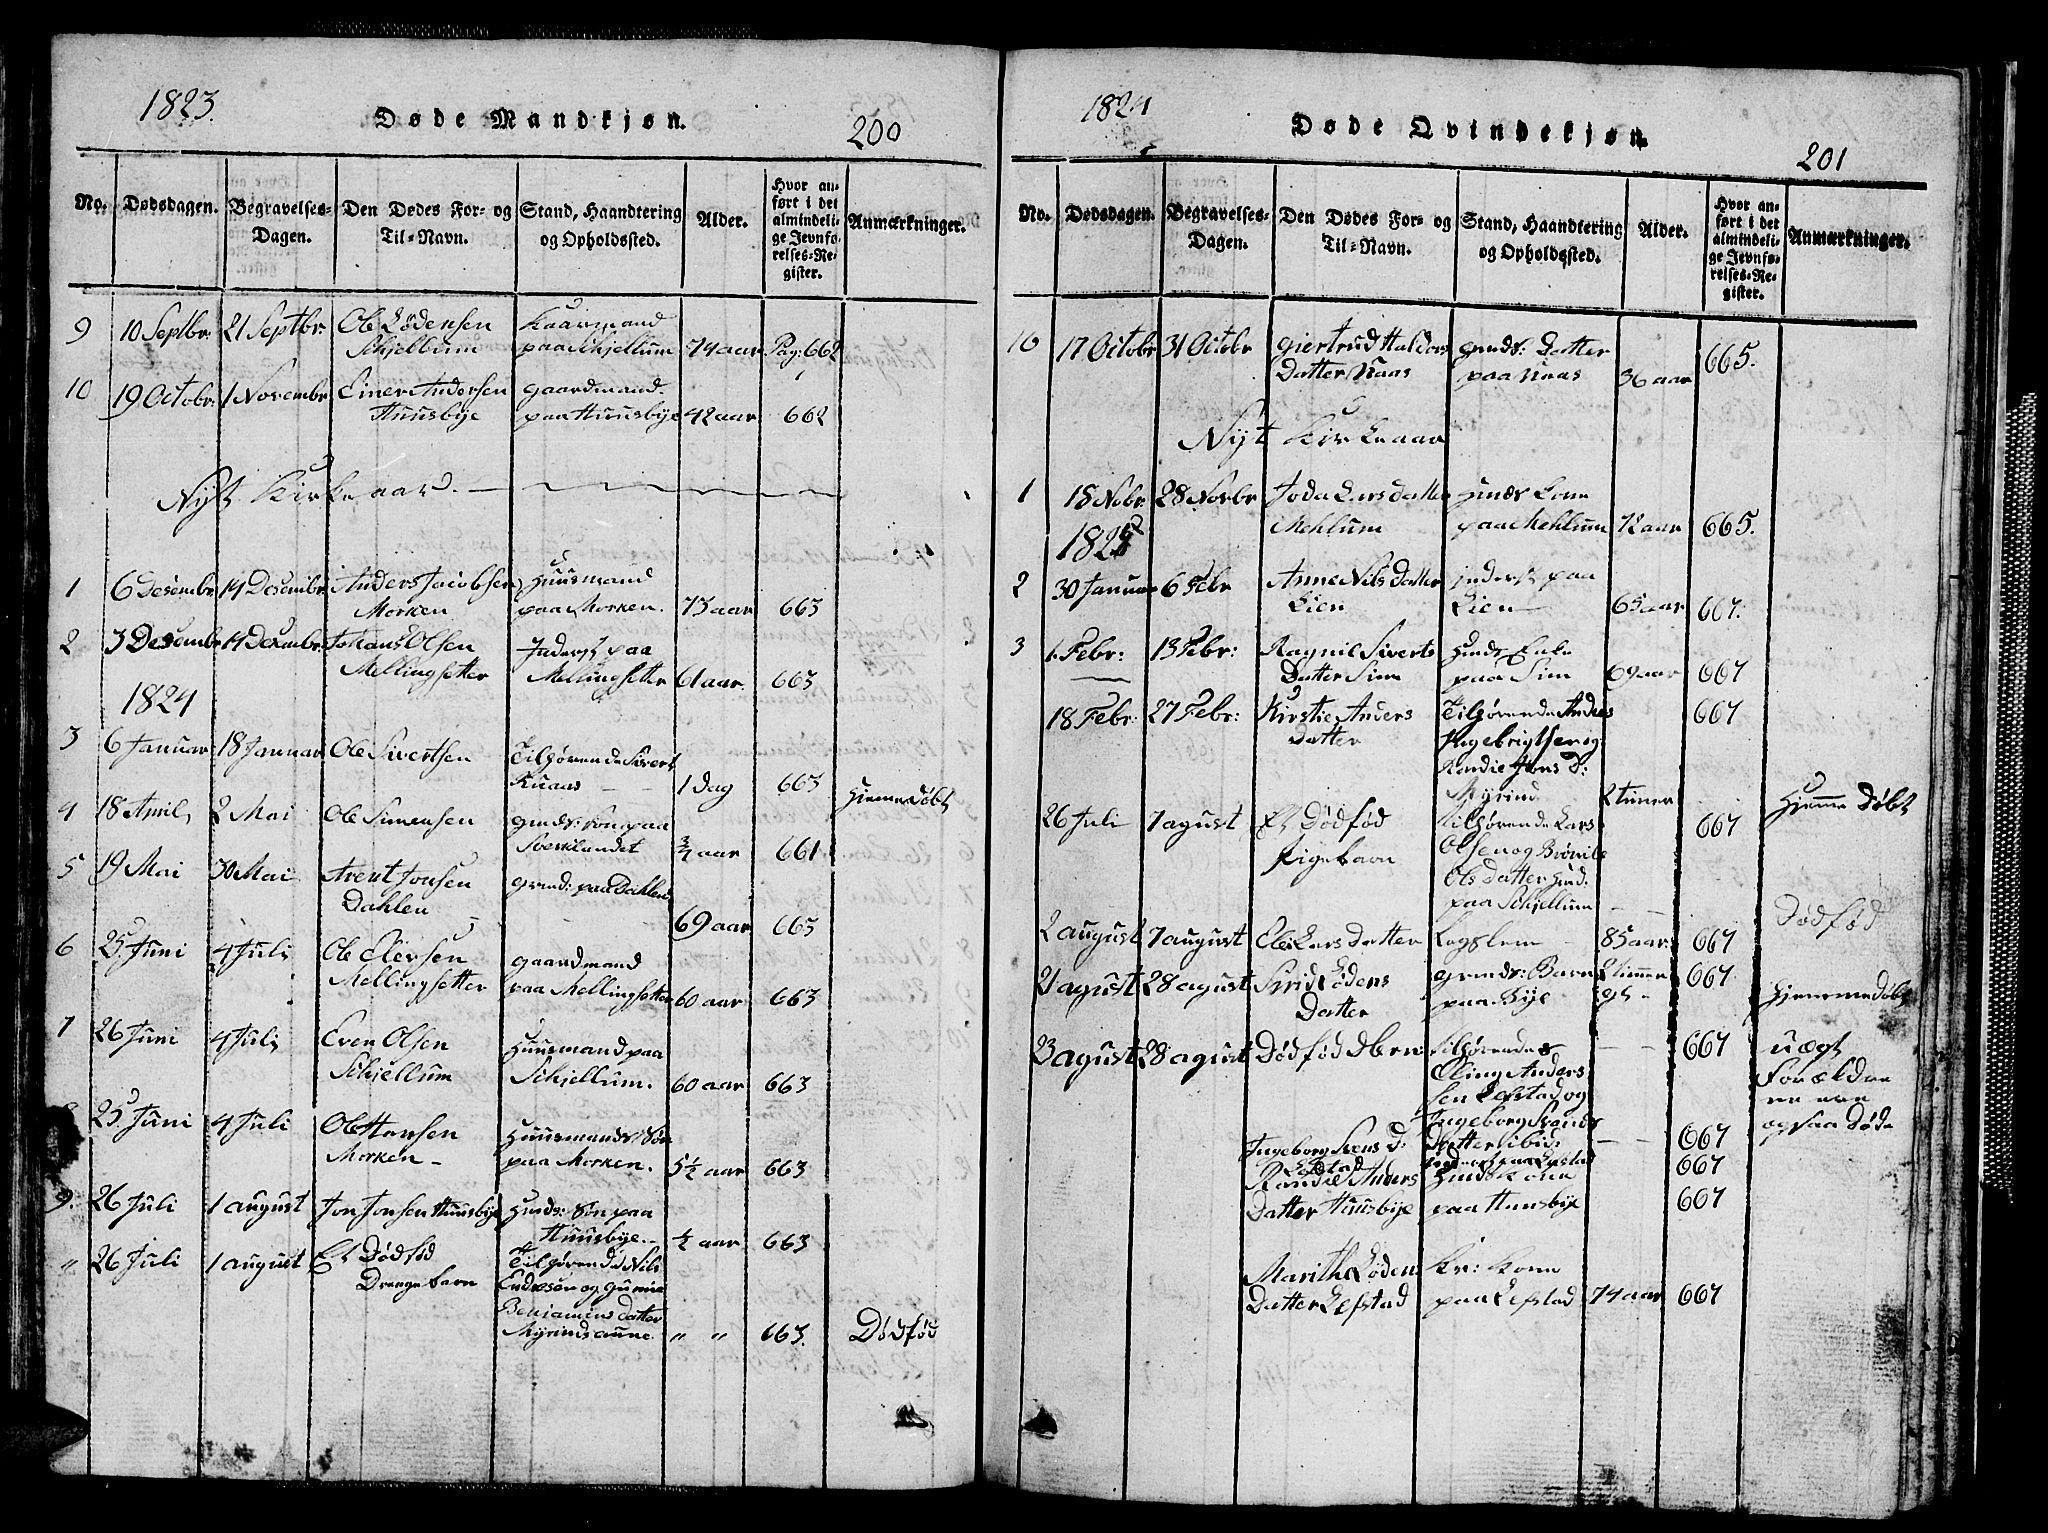 SAT, Ministerialprotokoller, klokkerbøker og fødselsregistre - Sør-Trøndelag, 667/L0796: Klokkerbok nr. 667C01, 1817-1836, s. 200-201